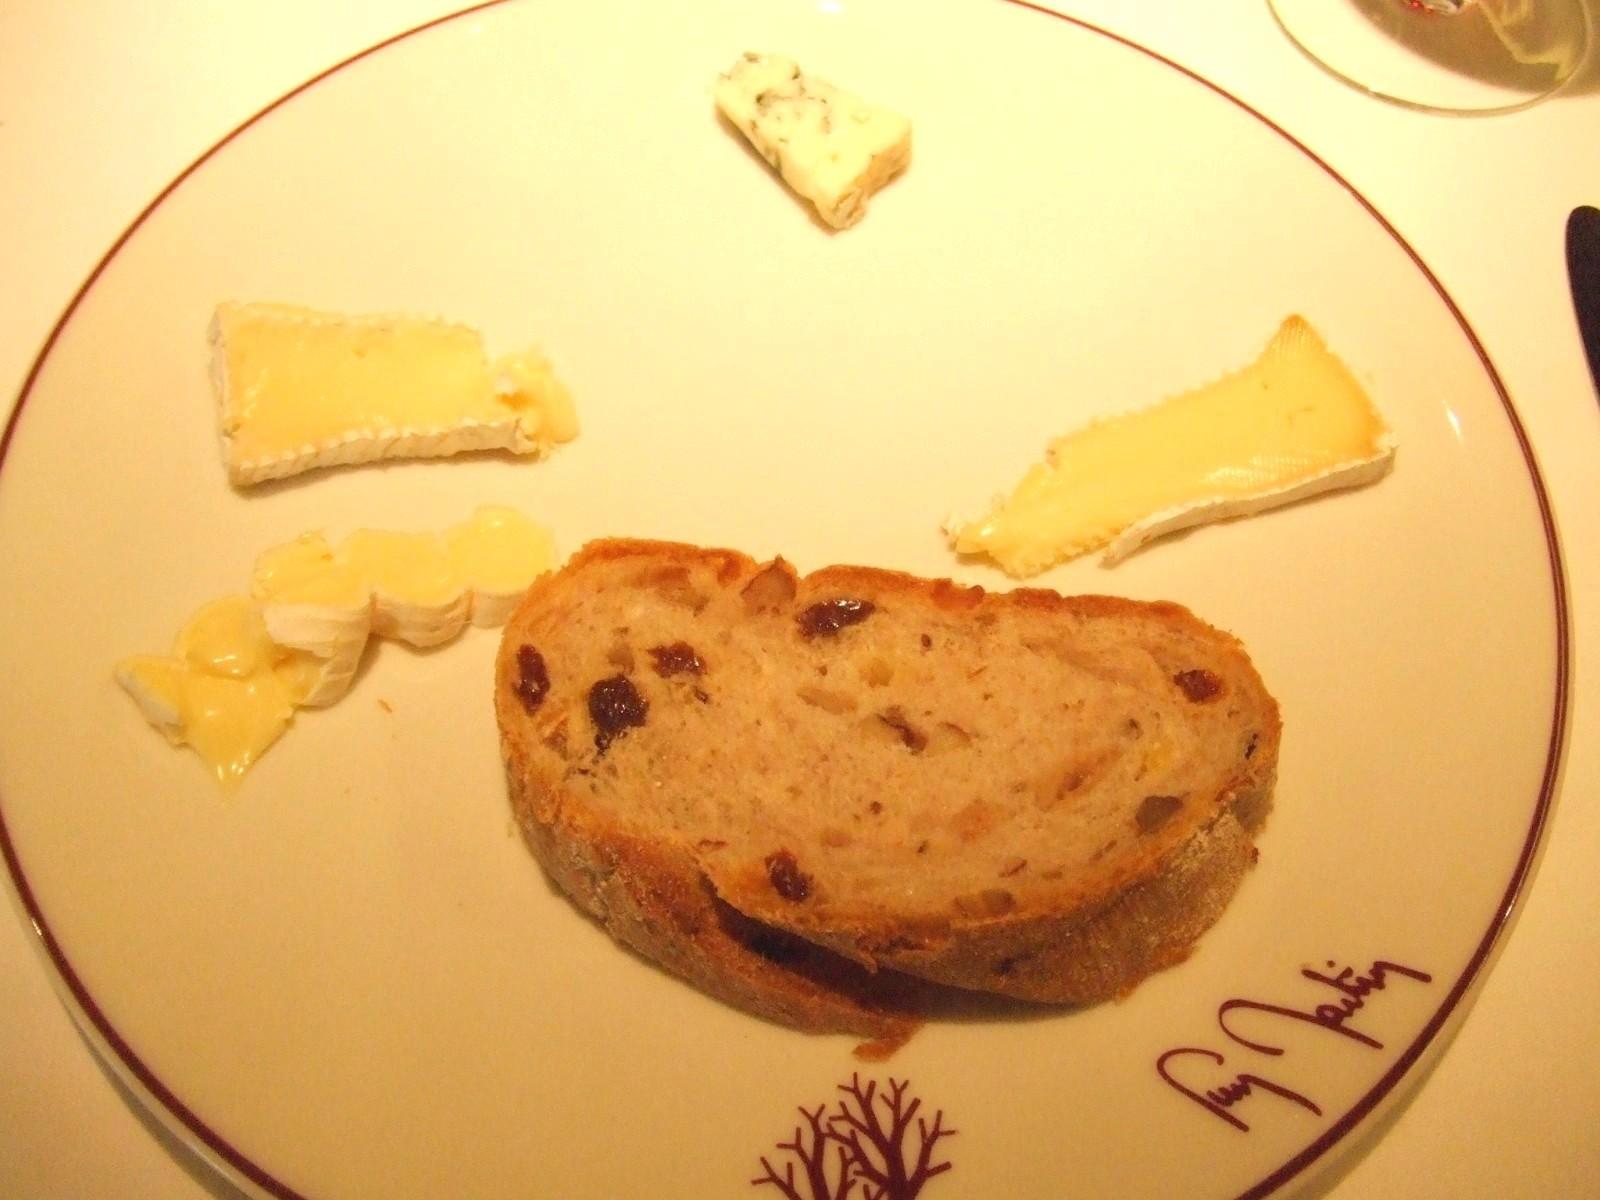 フランス直輸入フレッシュチーズの盛り合わせ